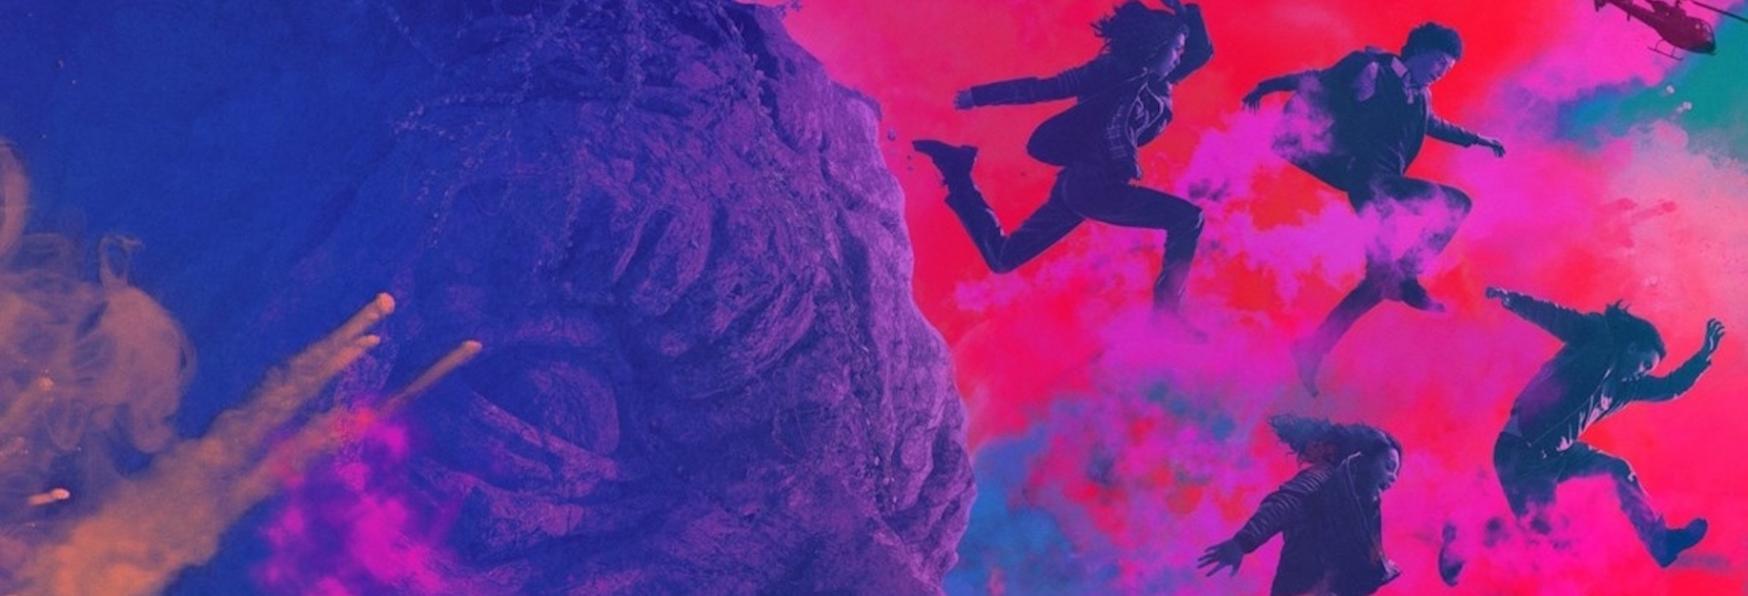 The Walking Dead: World Beyond - Tutte le Informazioni Note sulla nuova Serie TV Spin-off